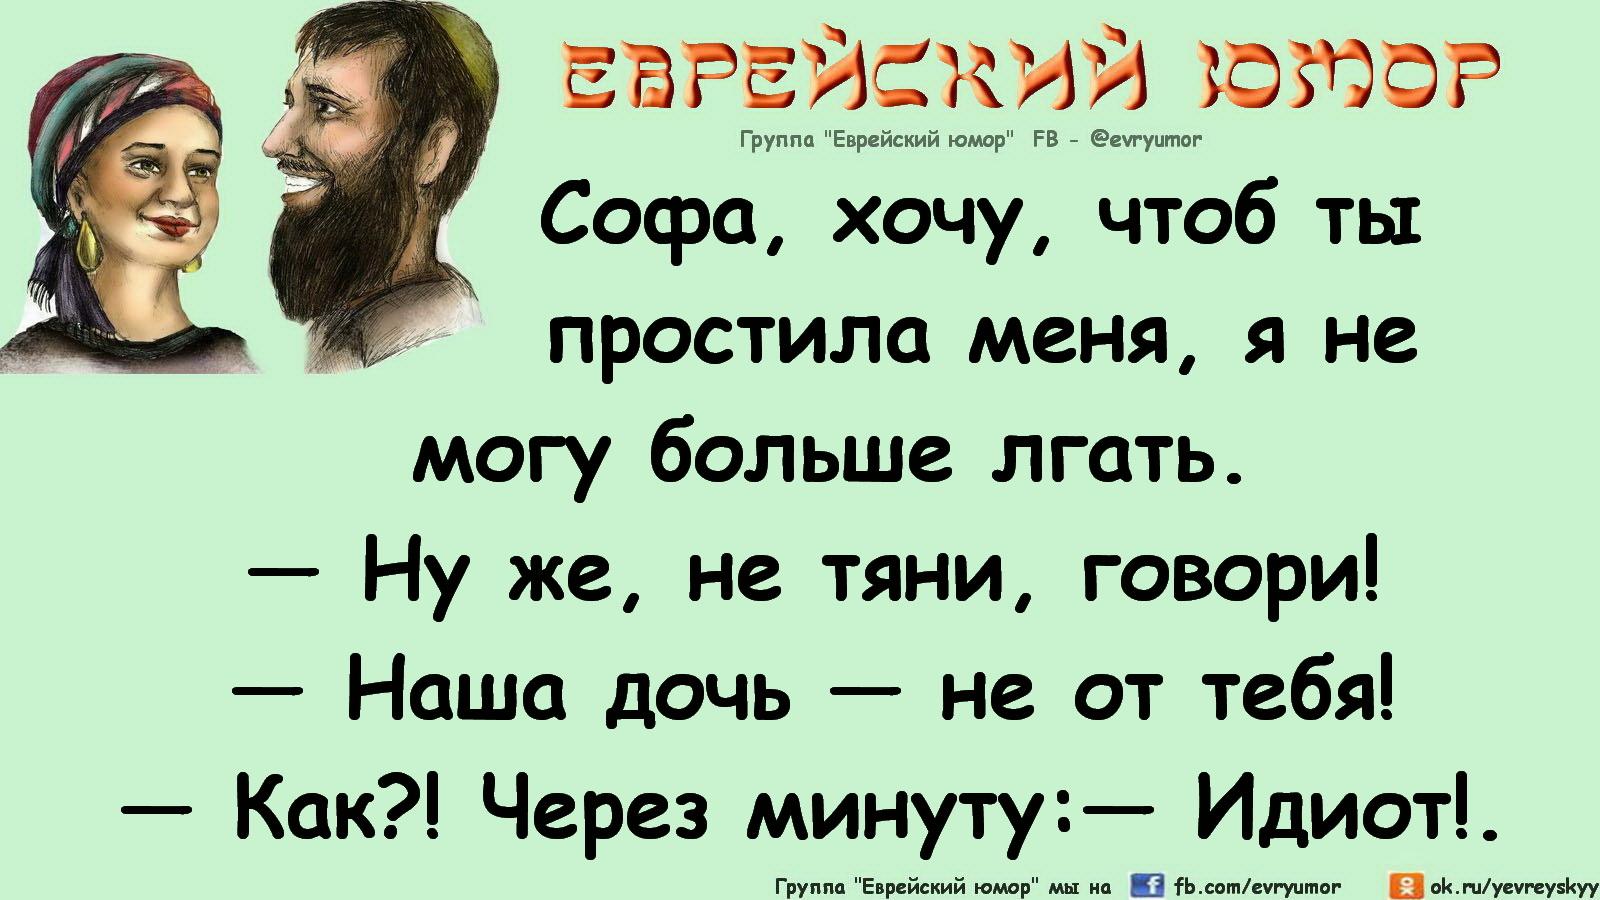 еврейский юмор, еврейская семья юмор, одесский юмор видео, одесский юмор афоризмы, лучшие одесские шутки, одесский юмор анекдоты, одесский юмор слушать онлайн, одесский юмор в кино, евреи шутят,